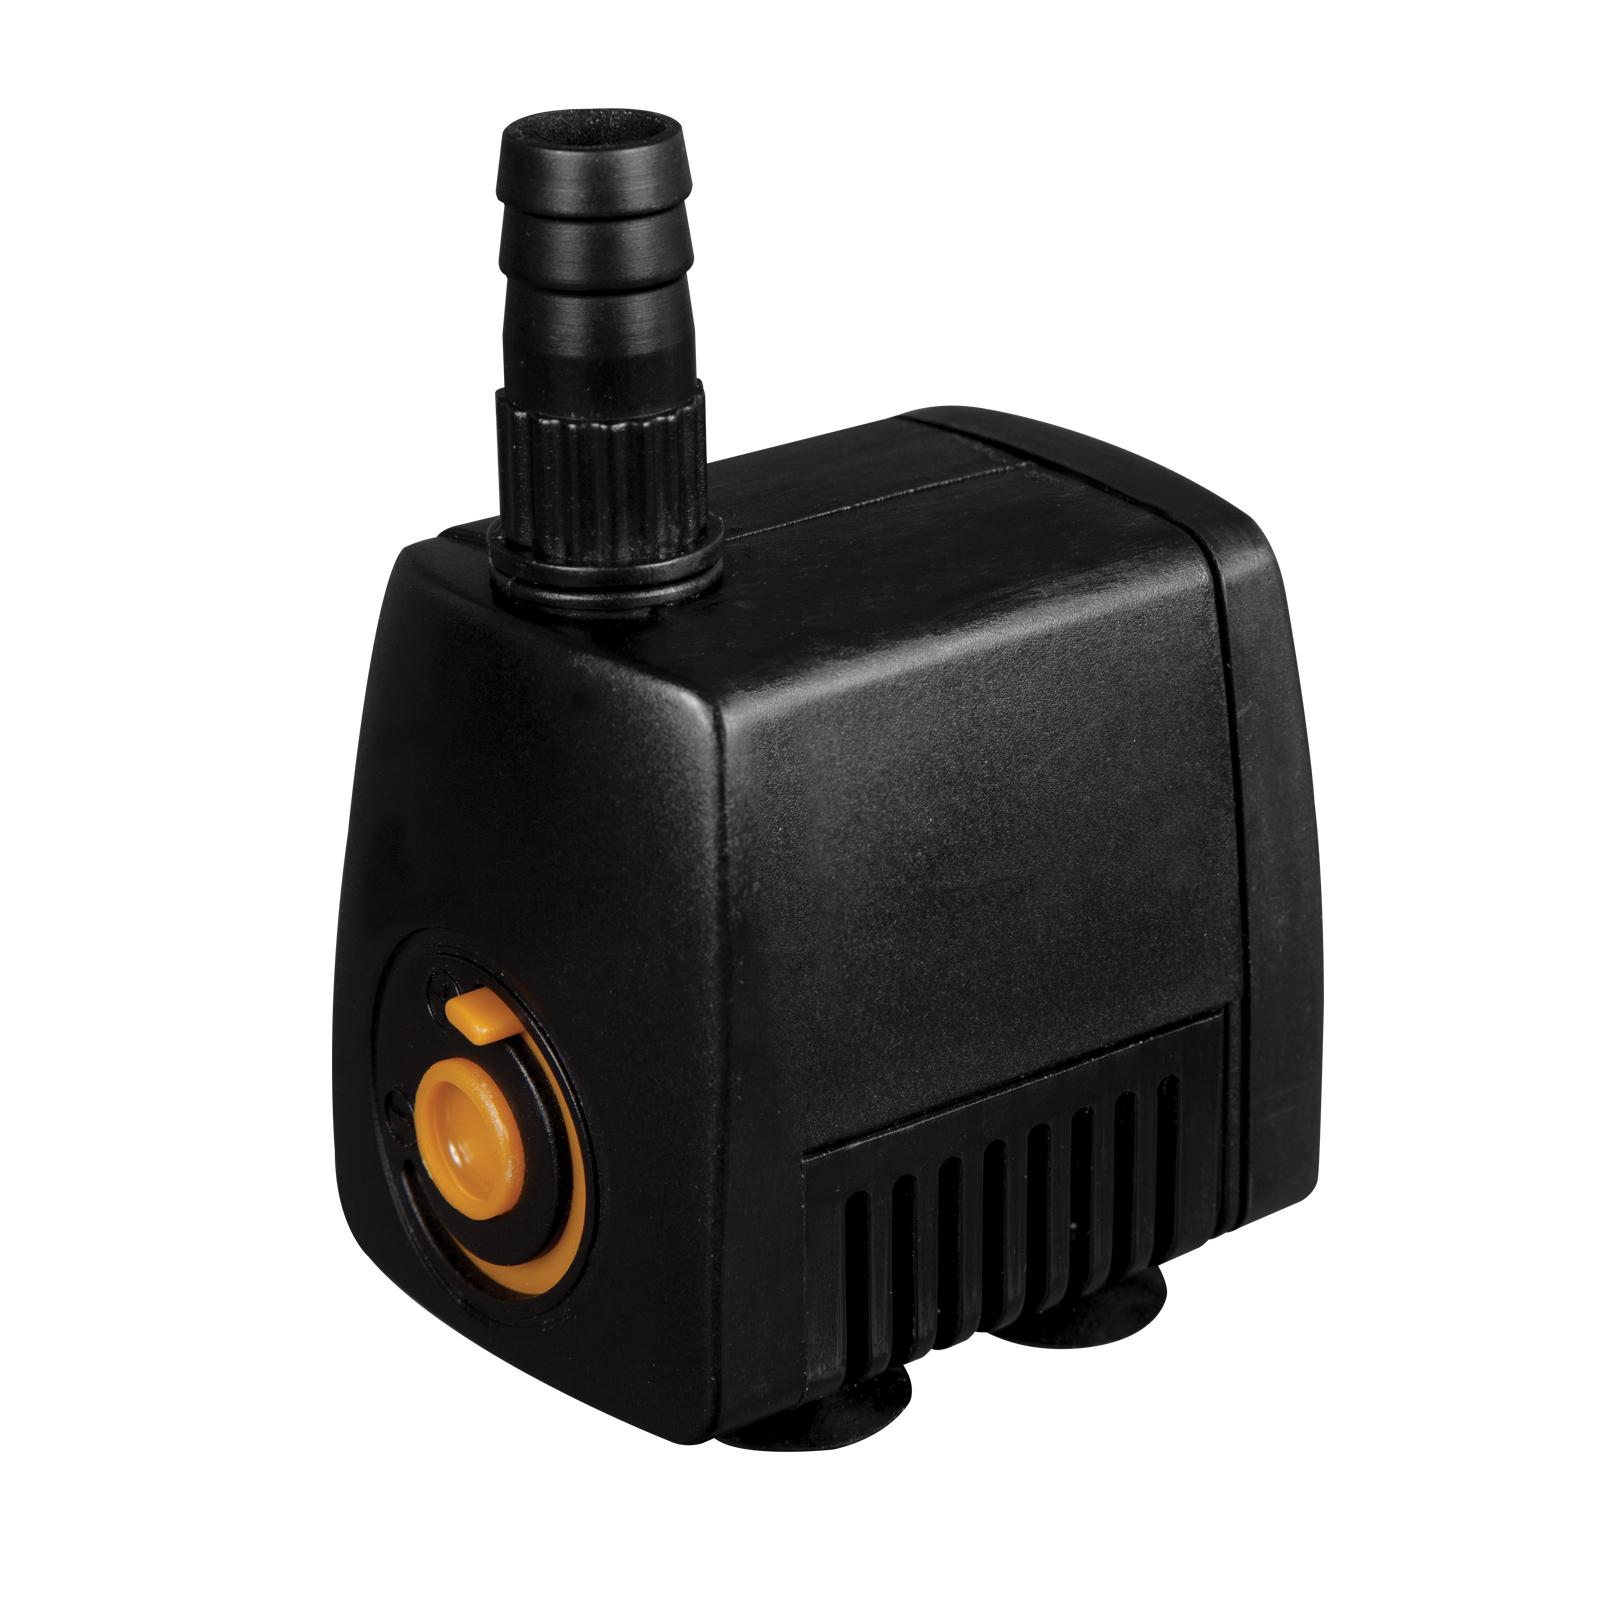 Aquapro AP550 Water Feature Pump